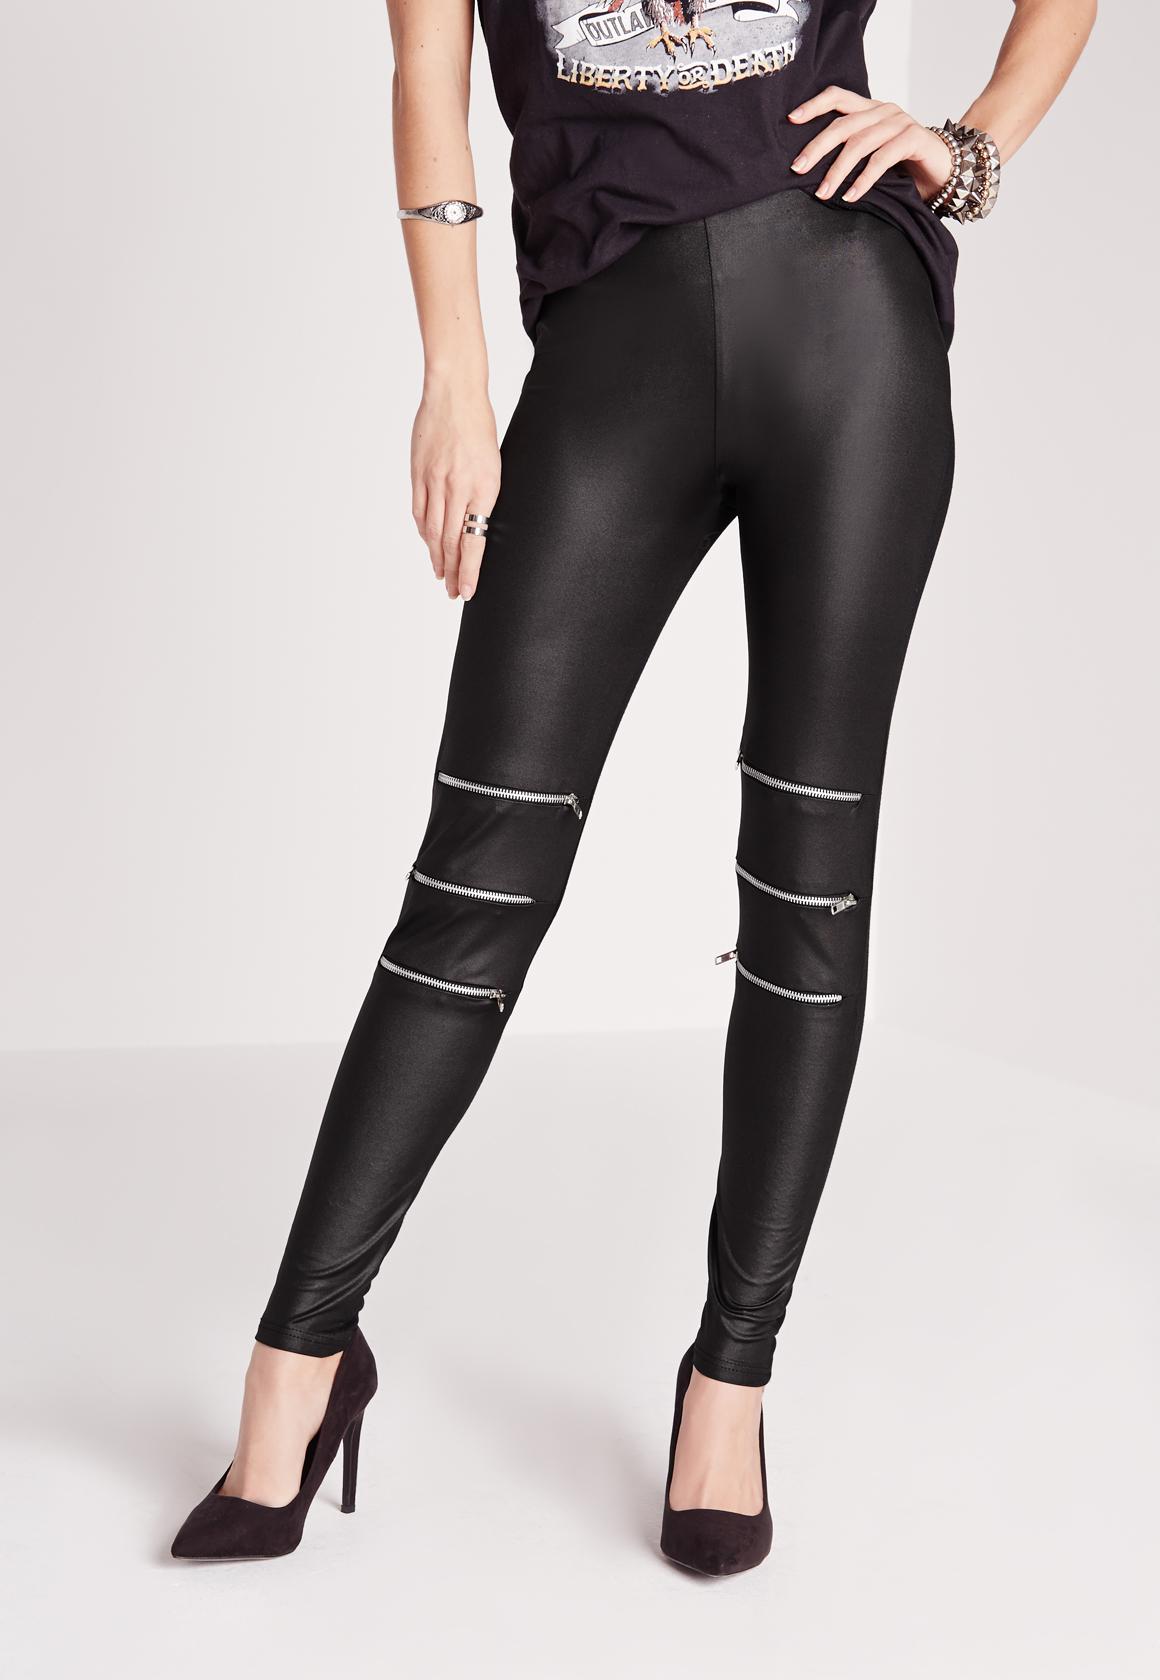 9fb674f6c0d2cf Missguided Zip Detail Wet Look Leggings Black in Black - Lyst